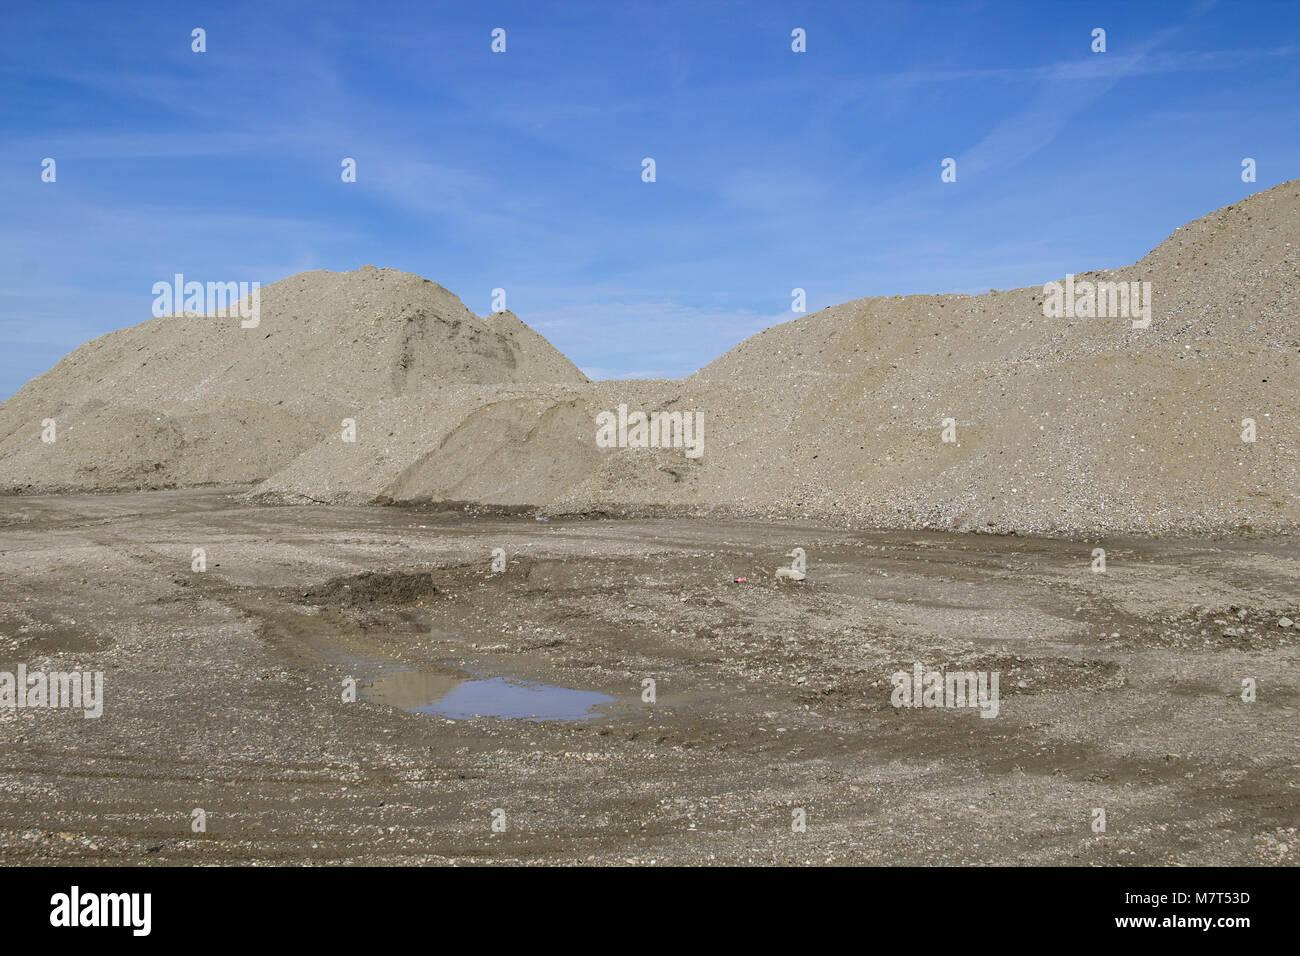 Construcción y grava agregada vuelca Imagen De Stock